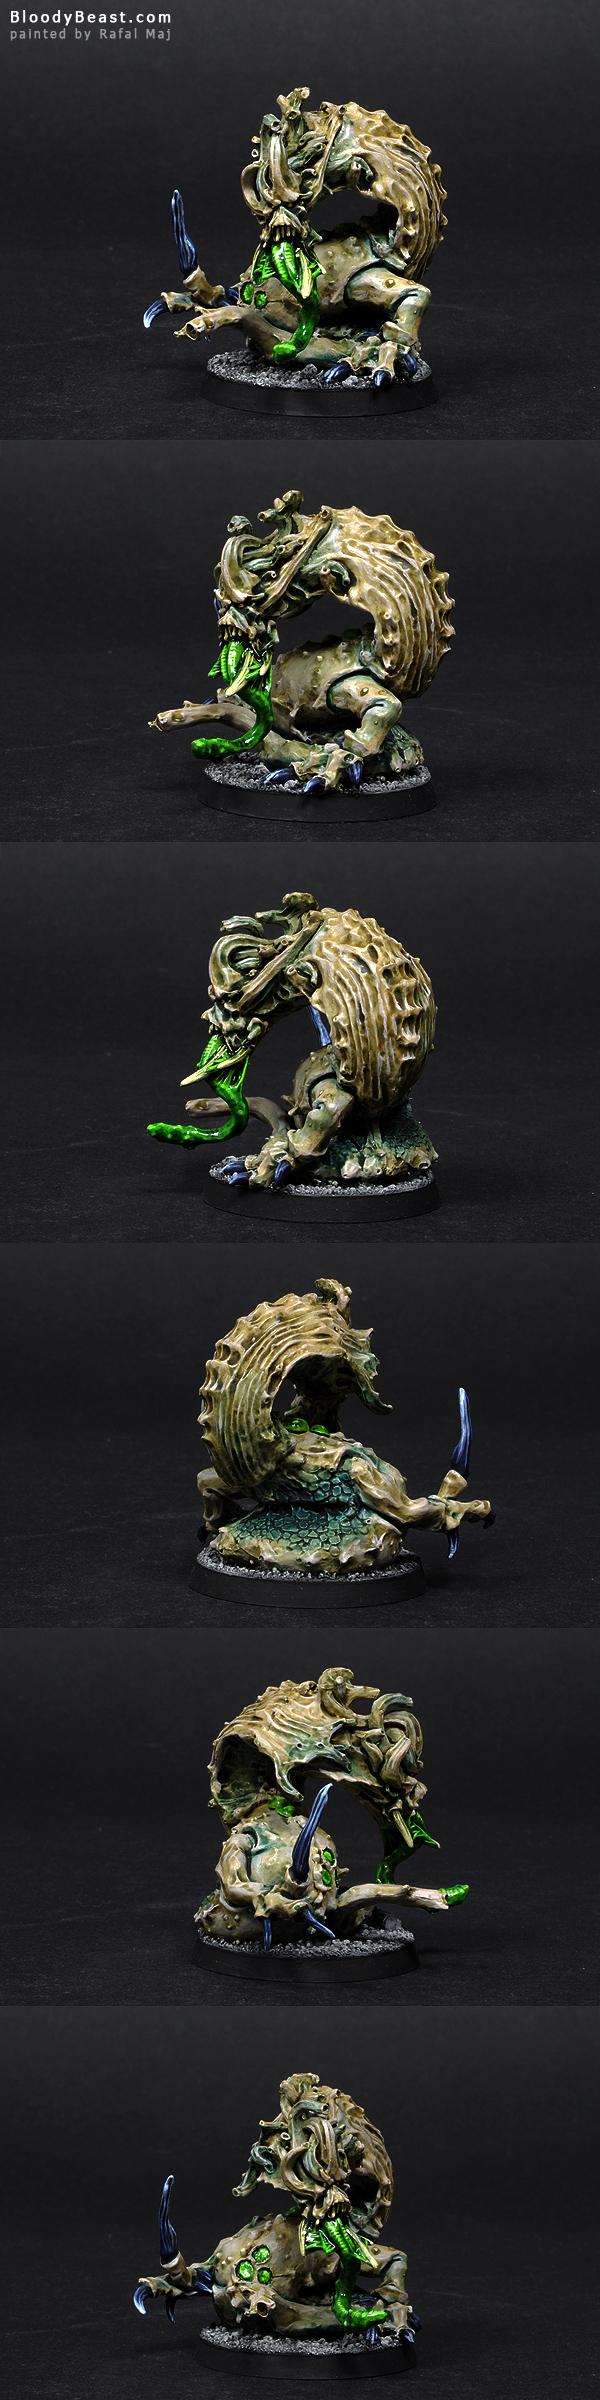 Beast Of Nurge painted by Rafal Maj (BloodyBeast.com)